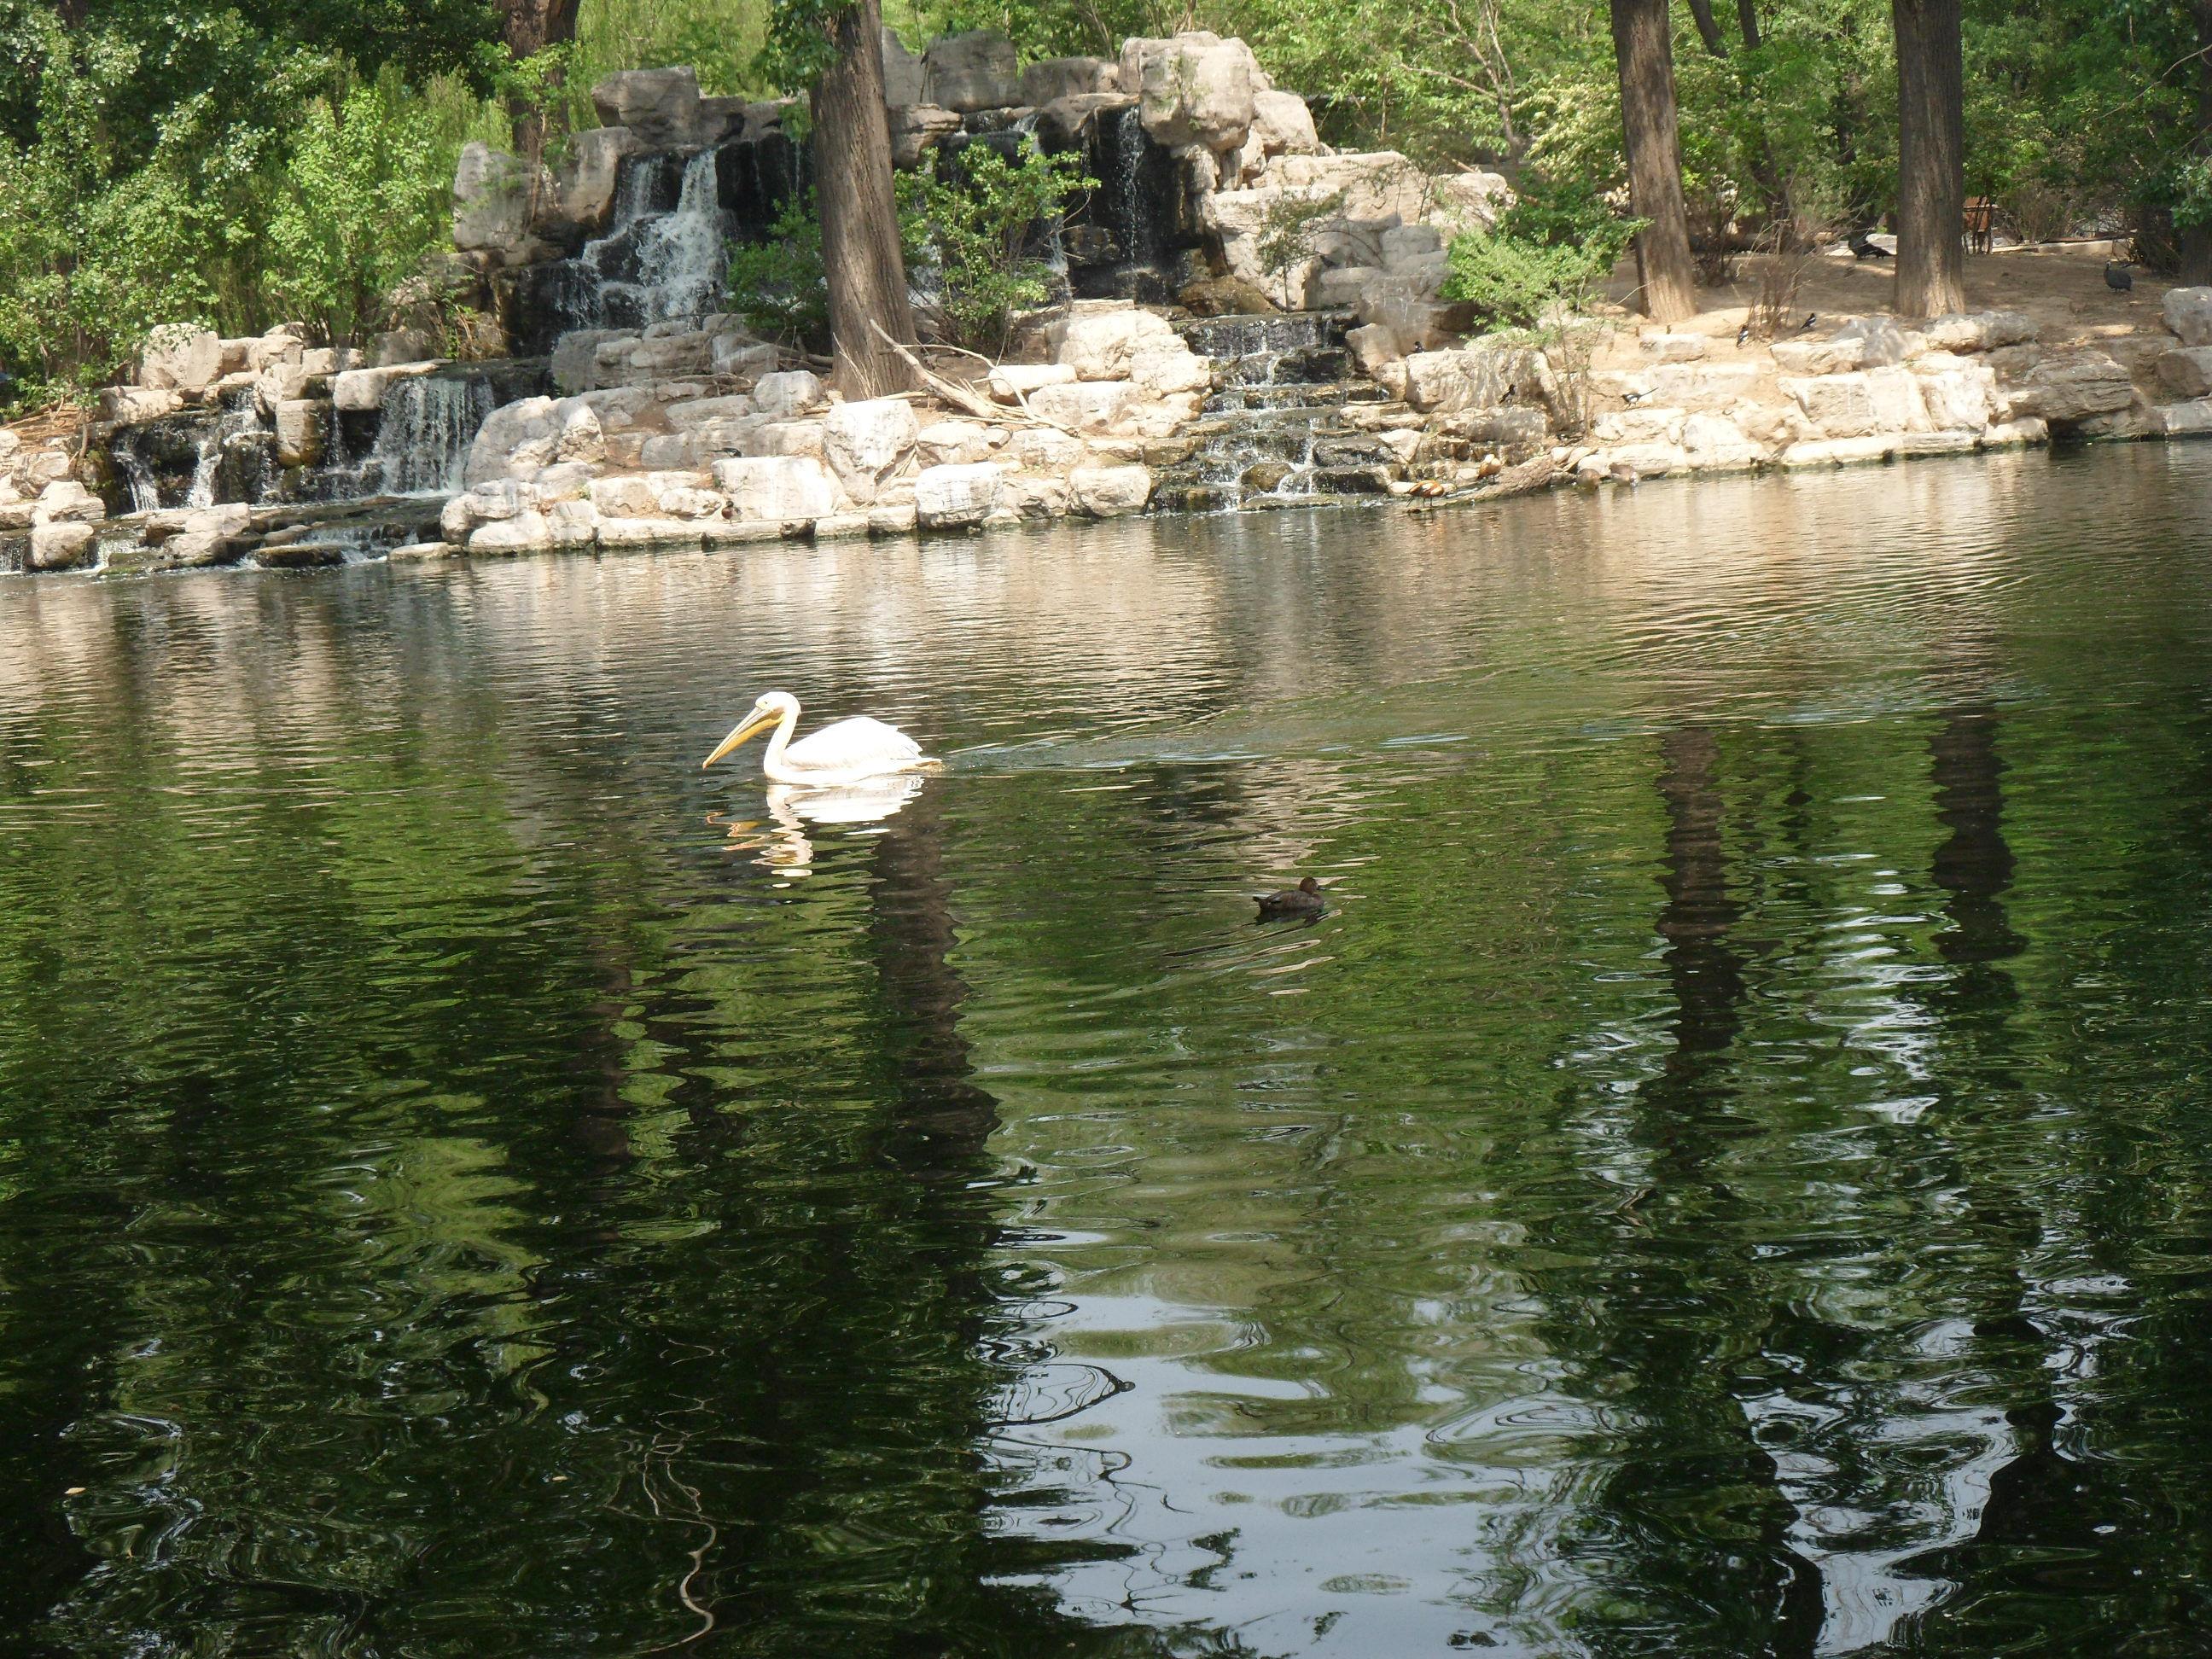 【携程攻略】北京北京动物园景点,北京动物园挺大的